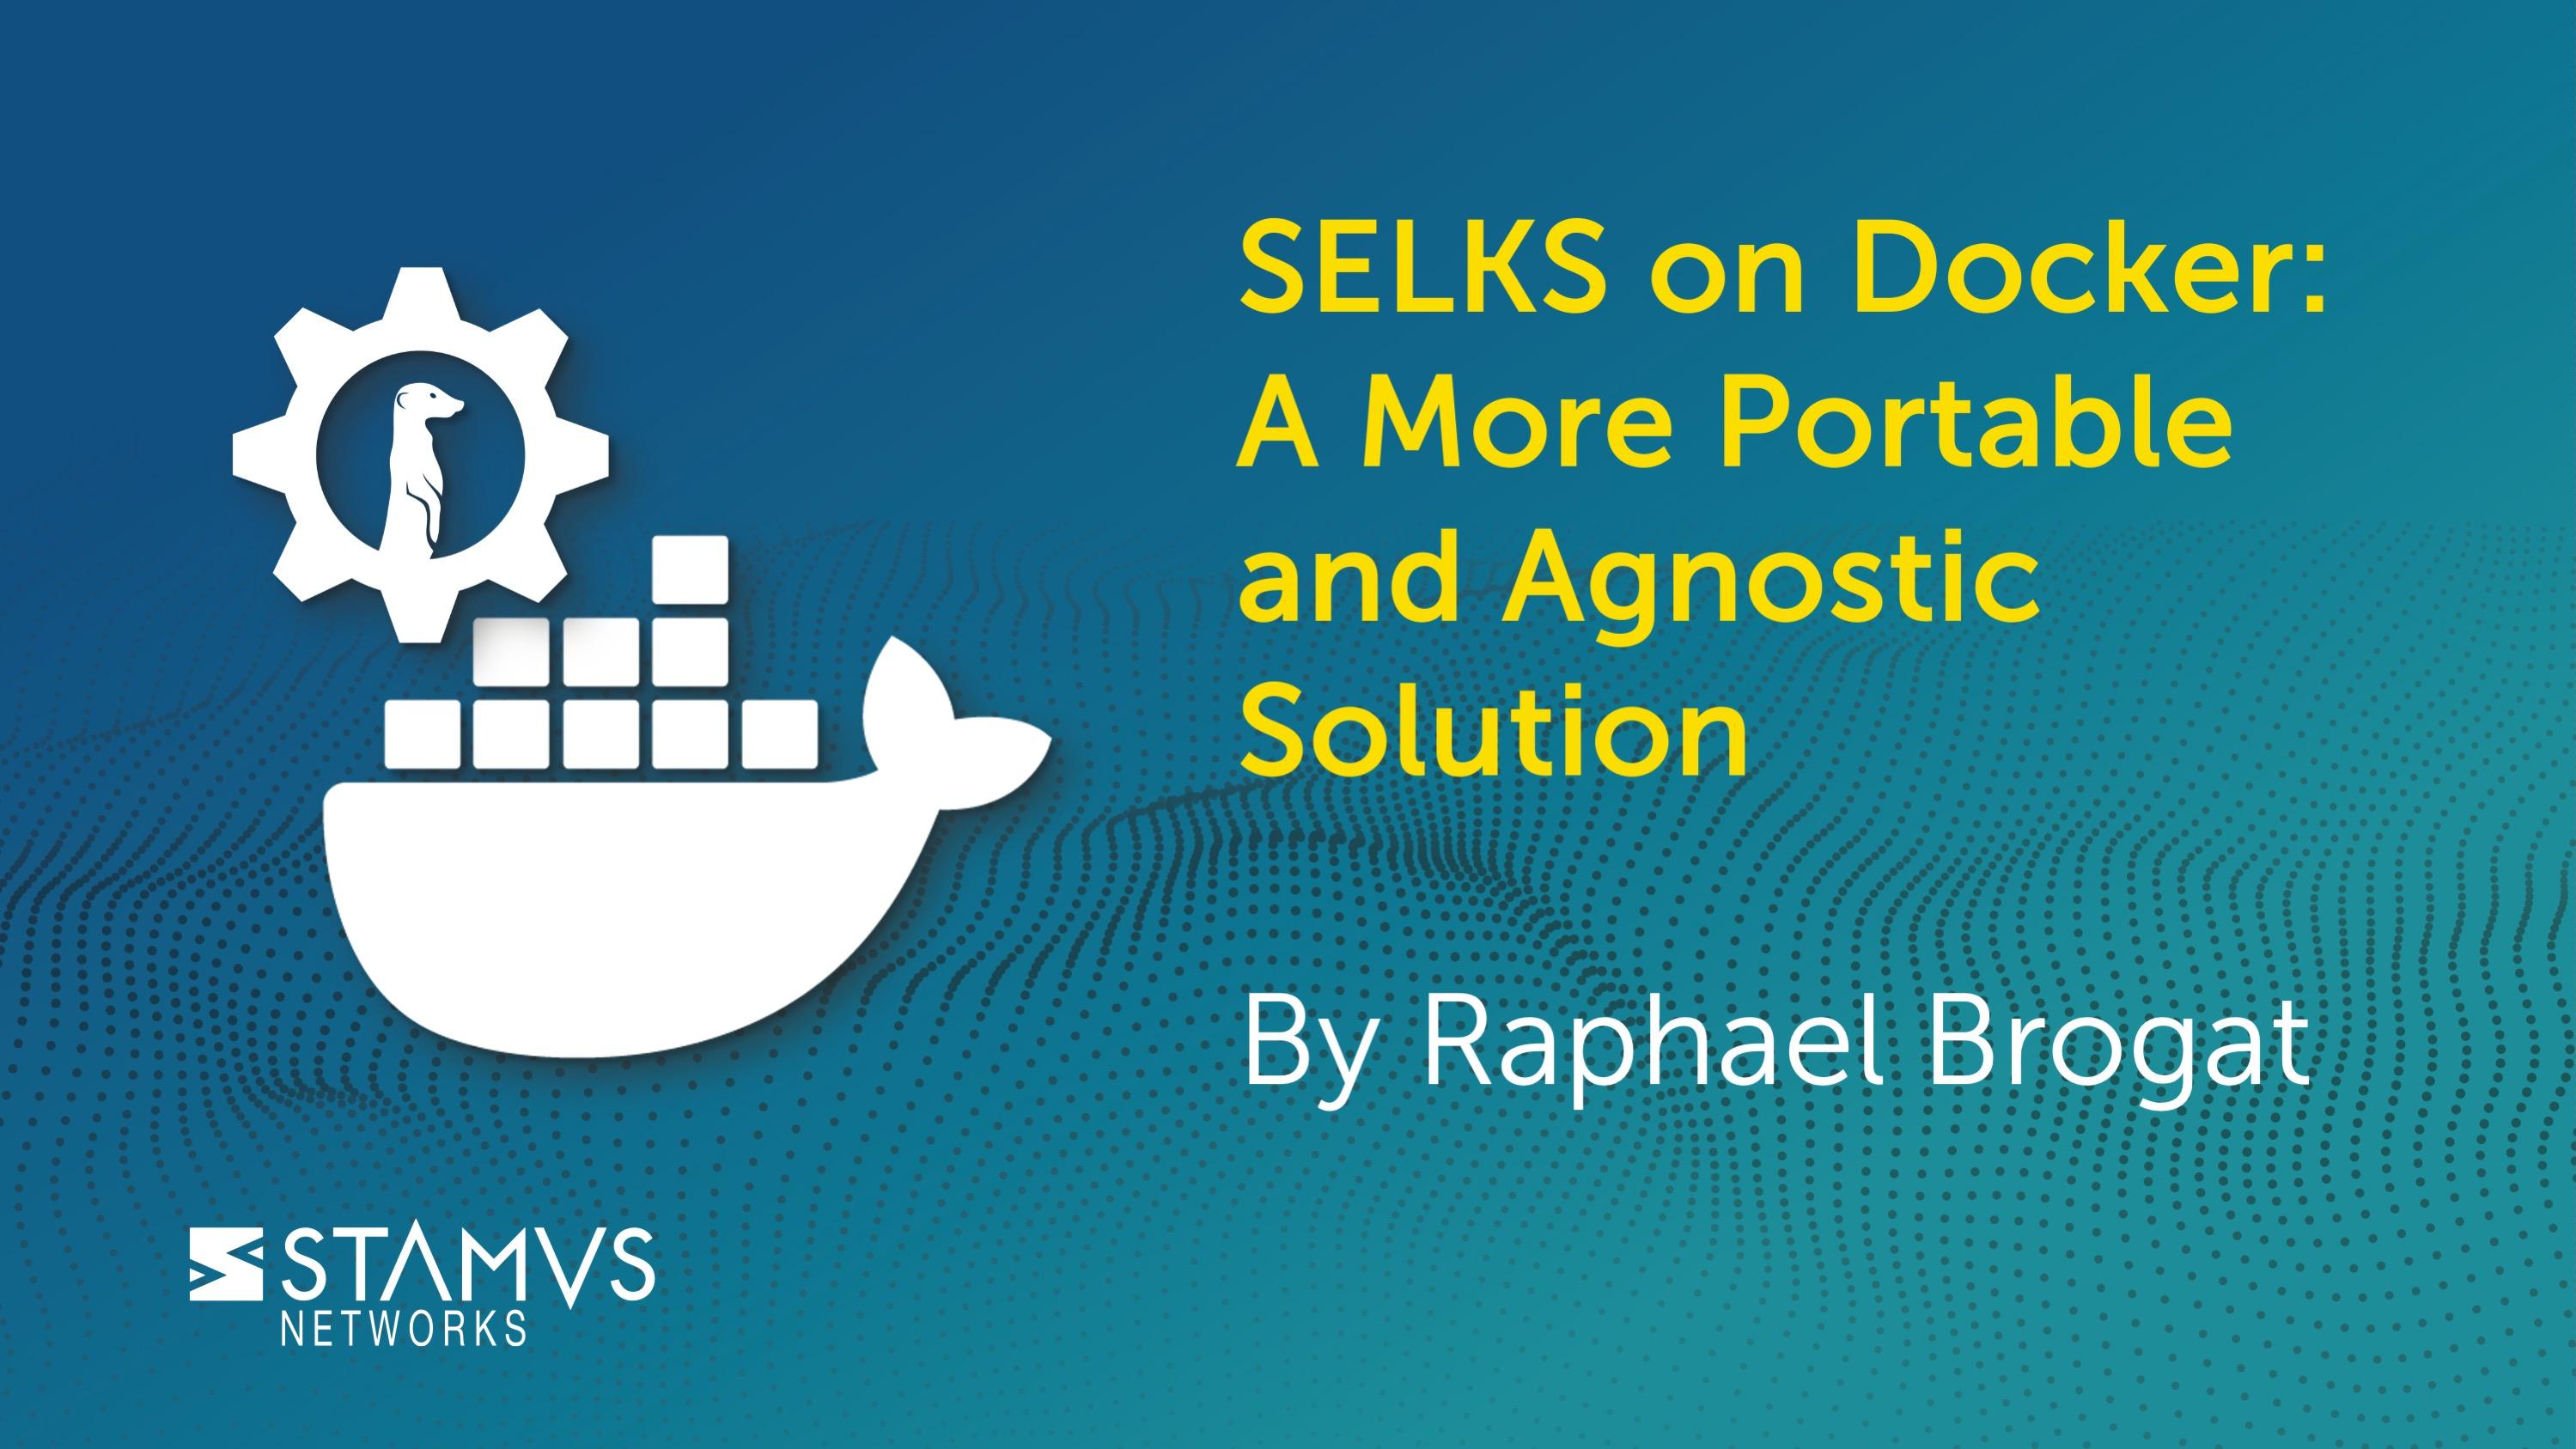 Stamus Networks: SELKS on Docker